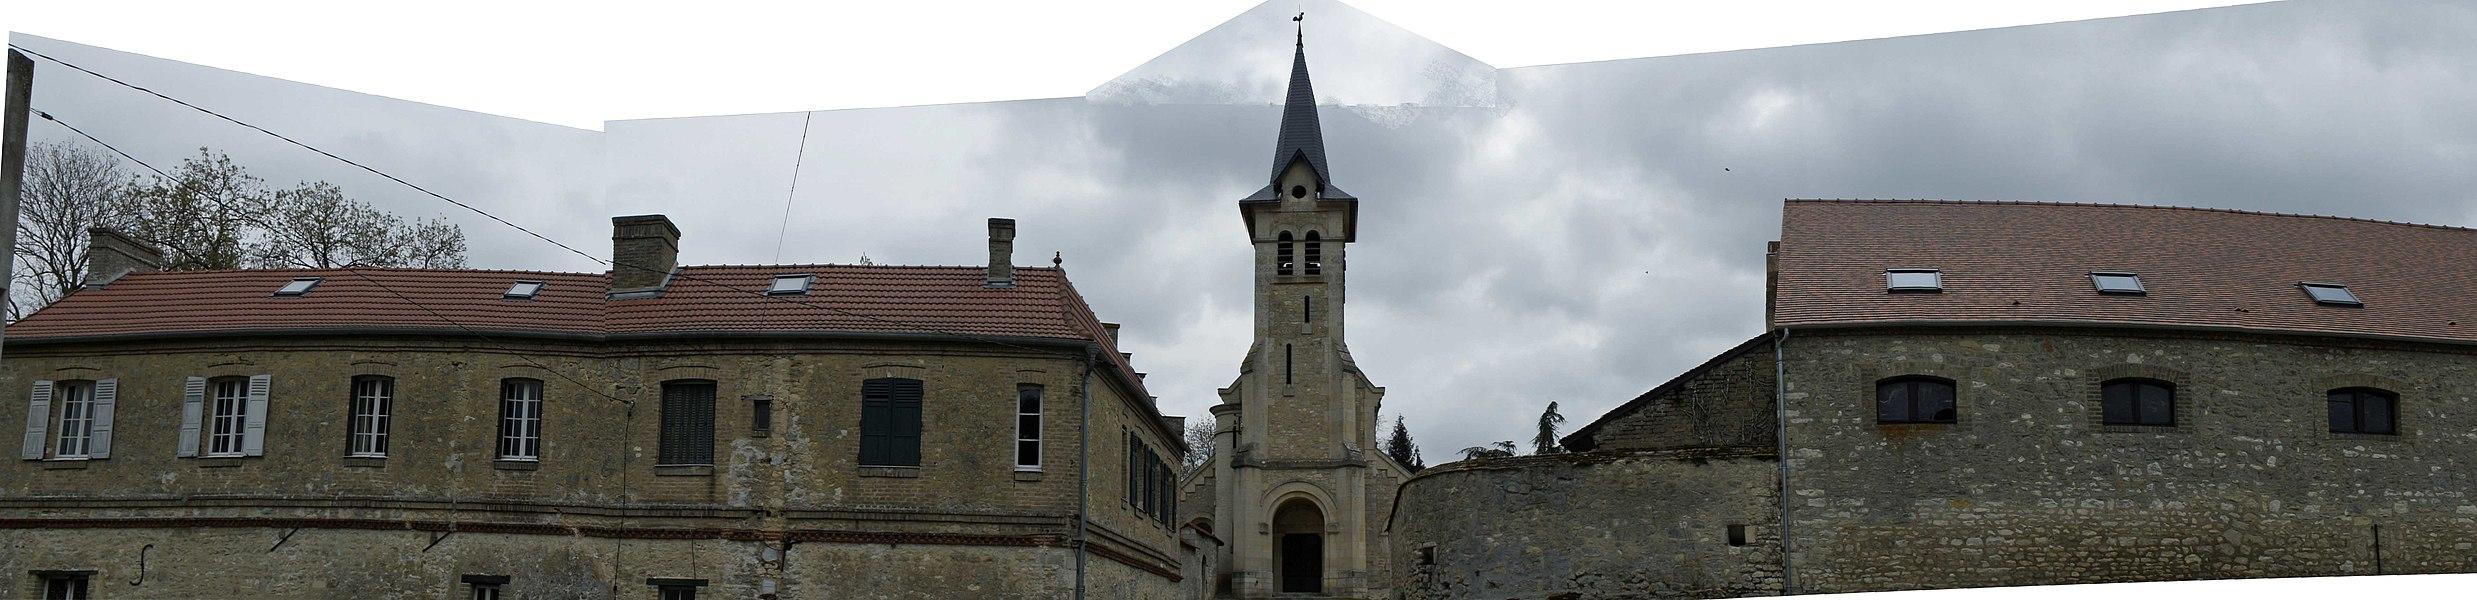 Église de Courcelles-Sapicourt.